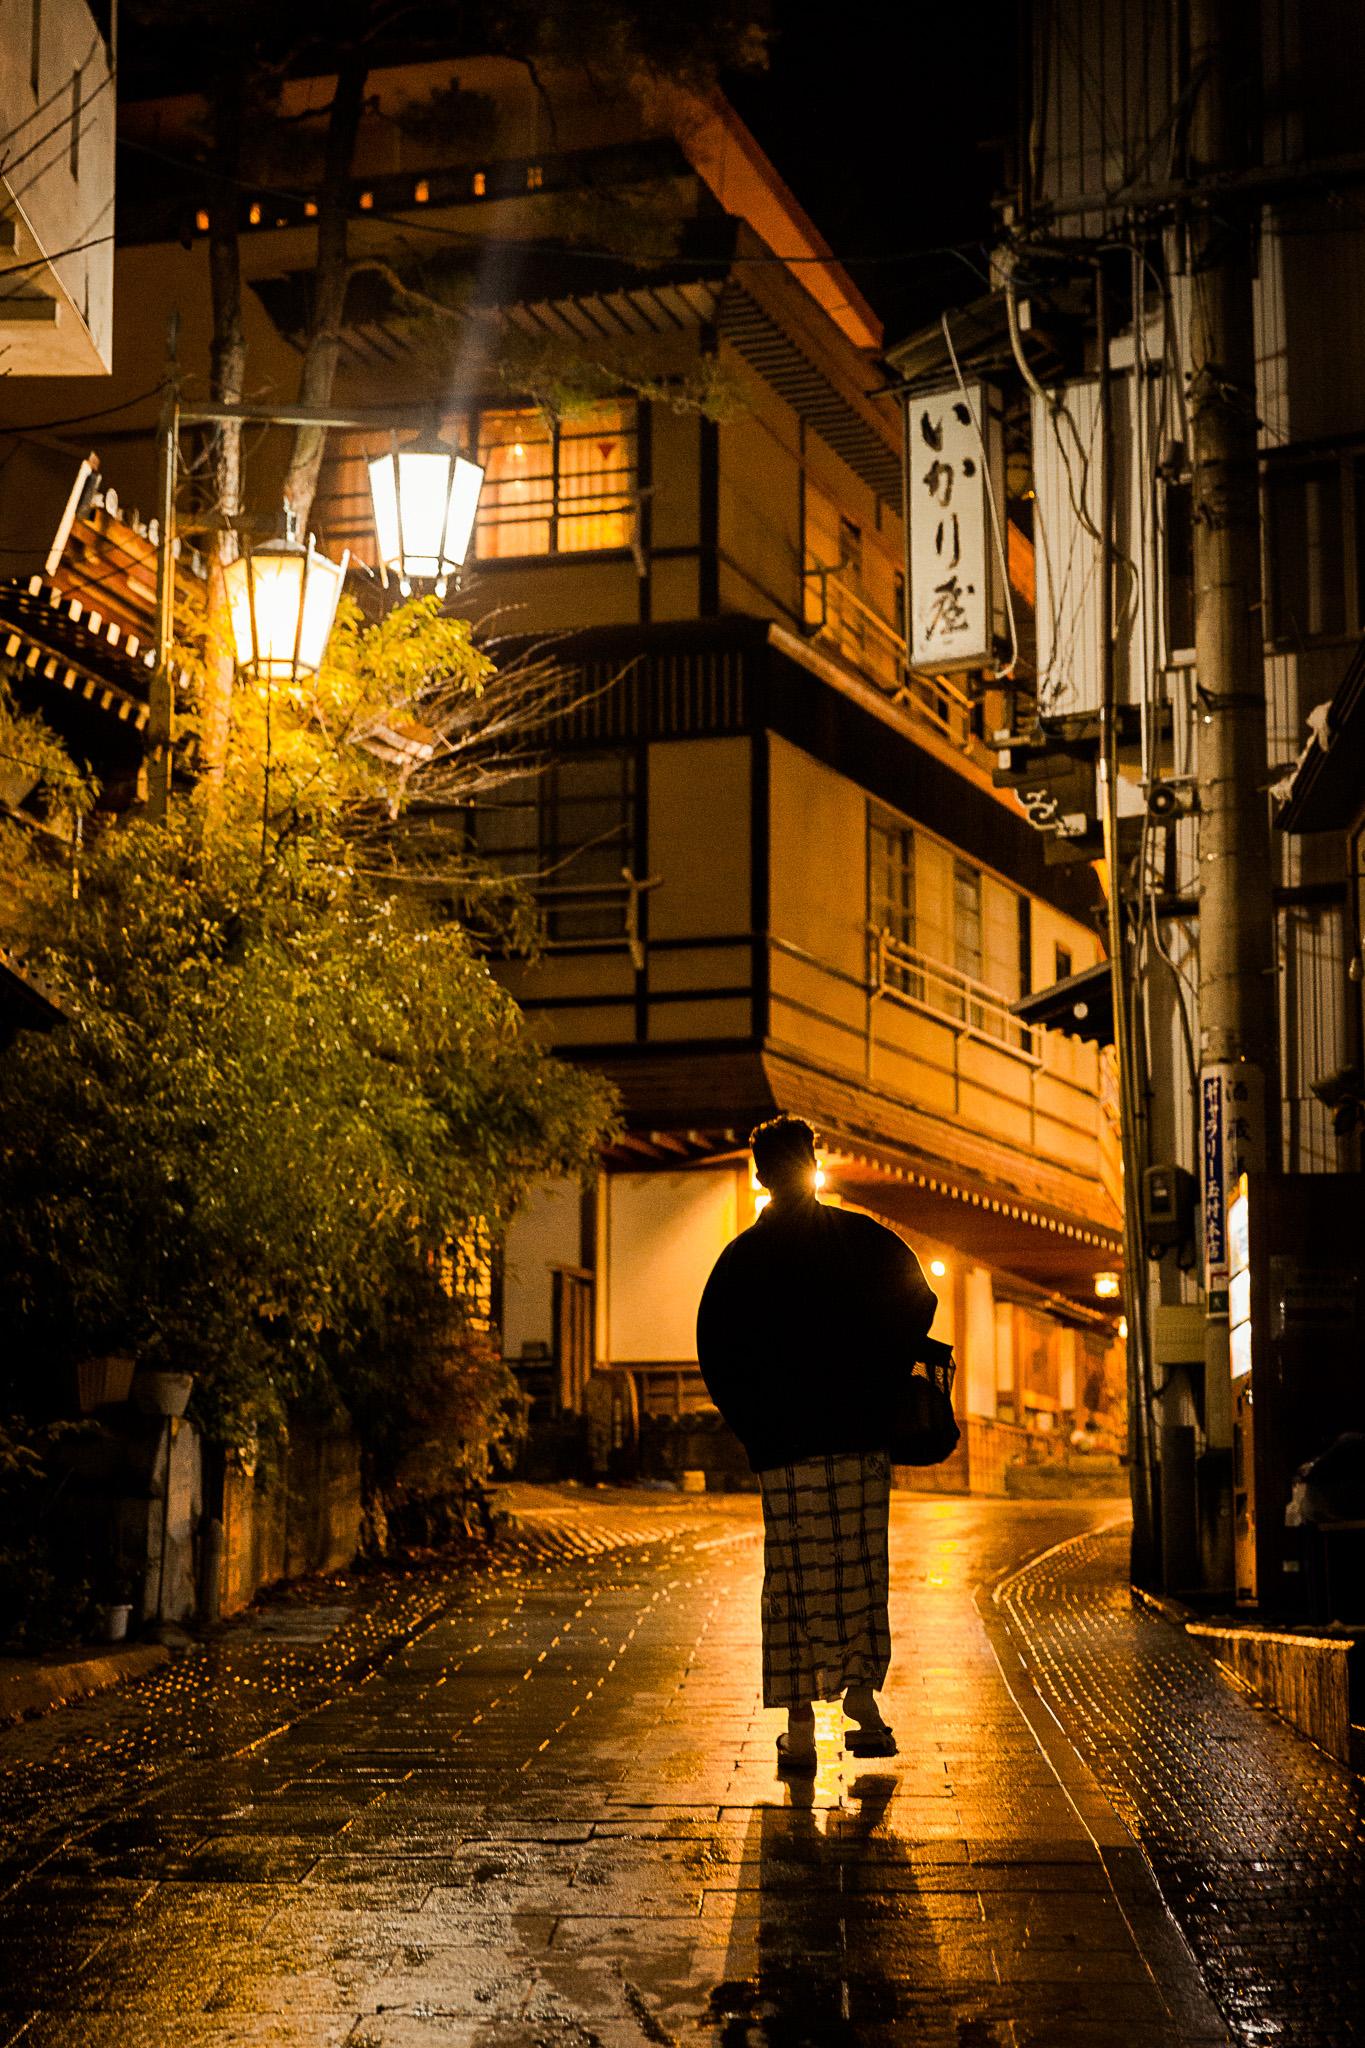 Walking in Yukata, Kokuya Ryokan Shibu Onsen